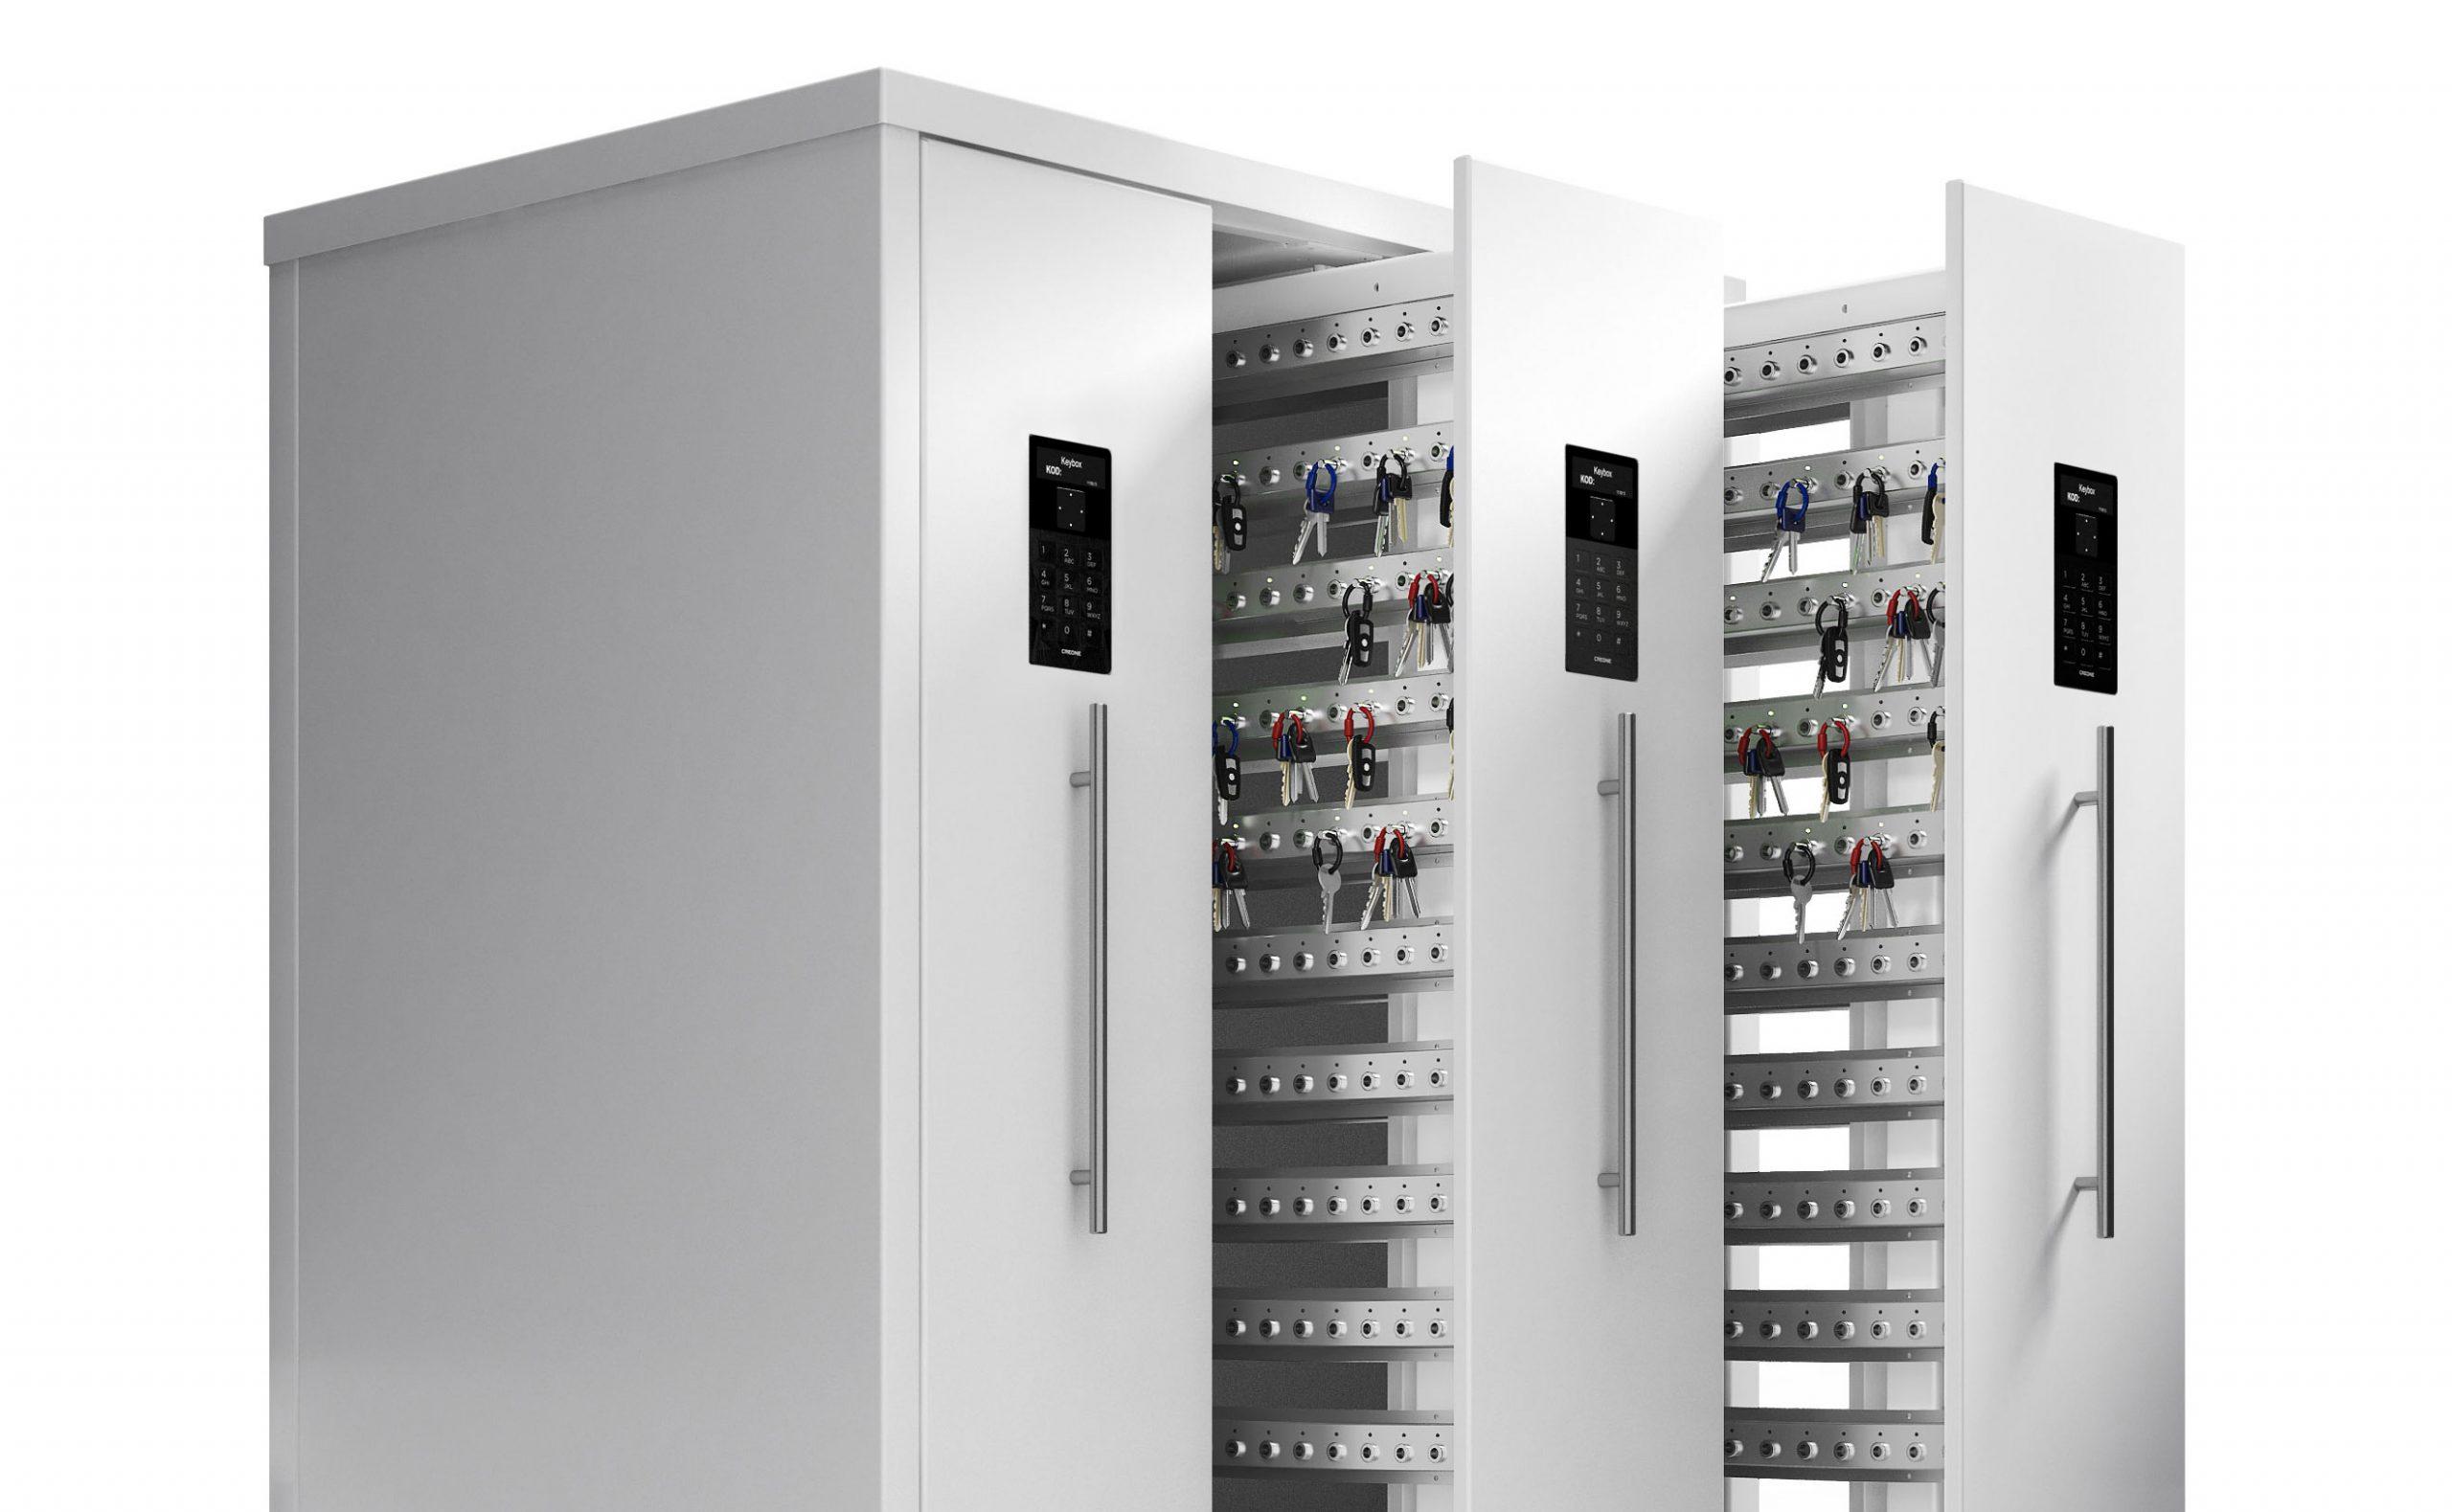 Der intelligente Schlüsselschrank 9600SC der Serie KeyBox mit offenen Türen wird für die Schlüsselverwaltung verwendet